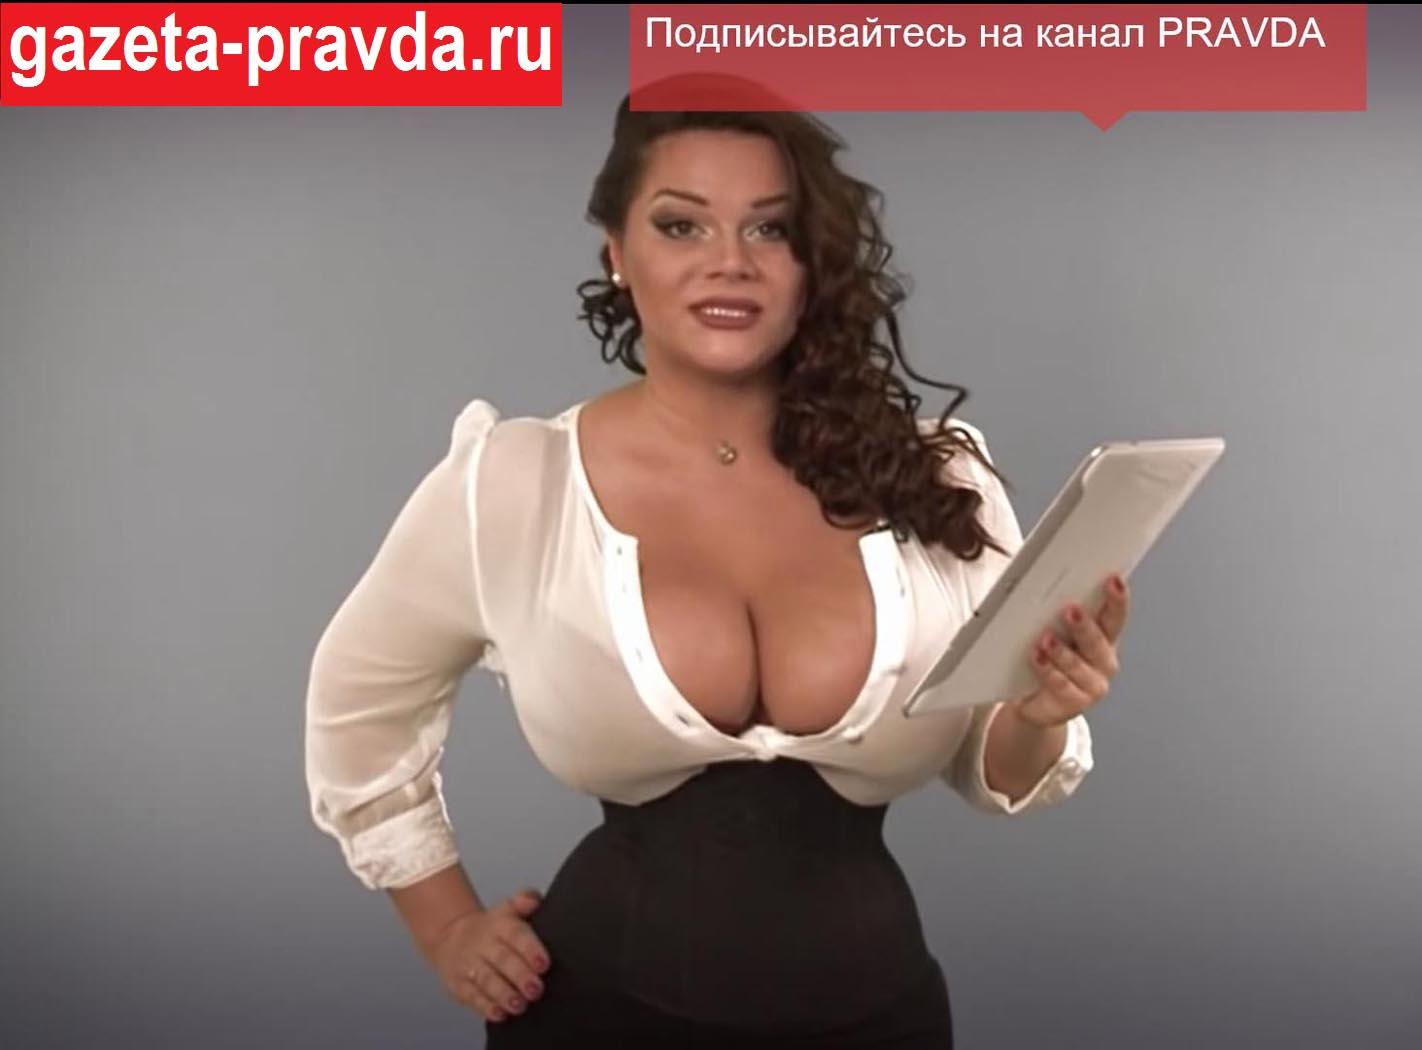 Ру ххх тв, Русское порно видео на Порно Россия ТВ 6 фотография